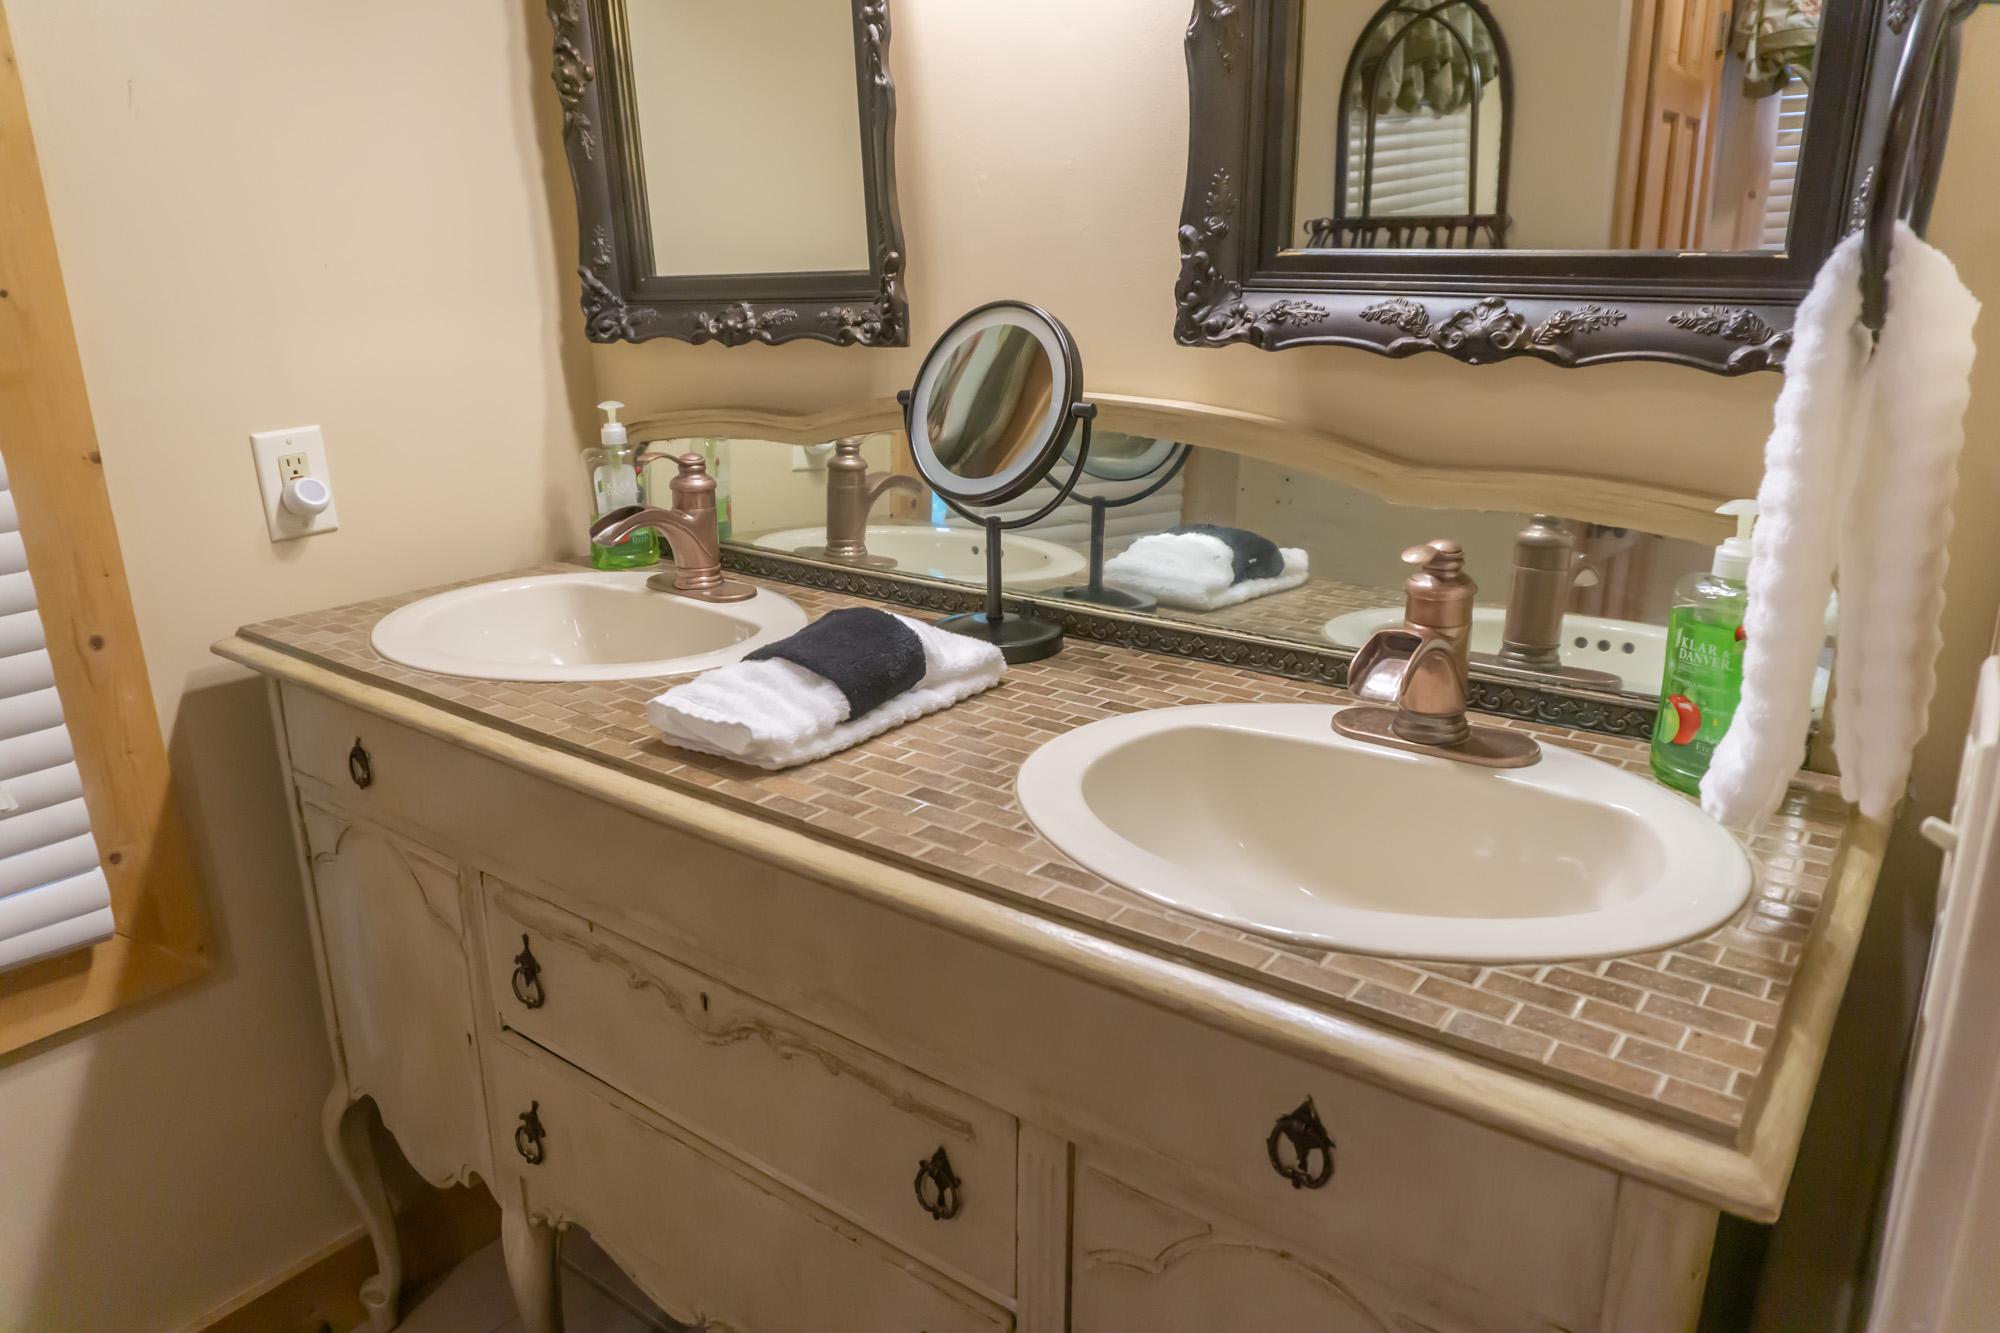 Smoky-Mountain-Splendor-main-level-bedroom-vanity-brass-faucets-waterflow